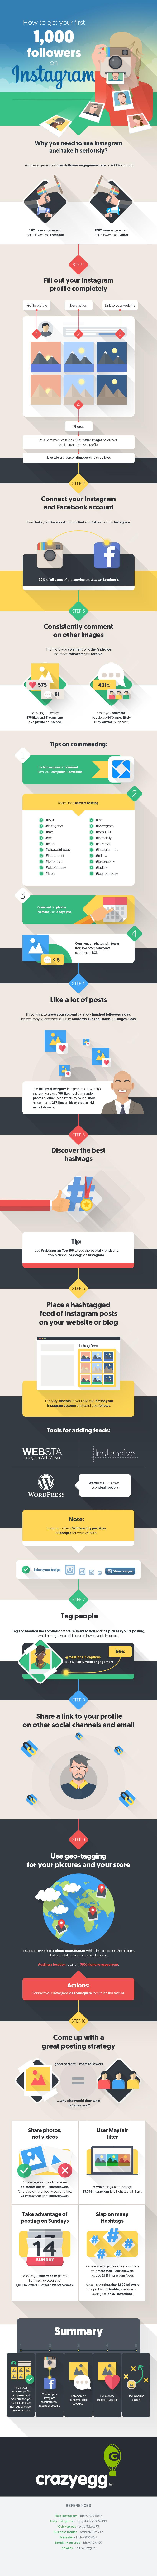 Infografía: Cómo conseguir tus primeros 1.000 followers en Instagram